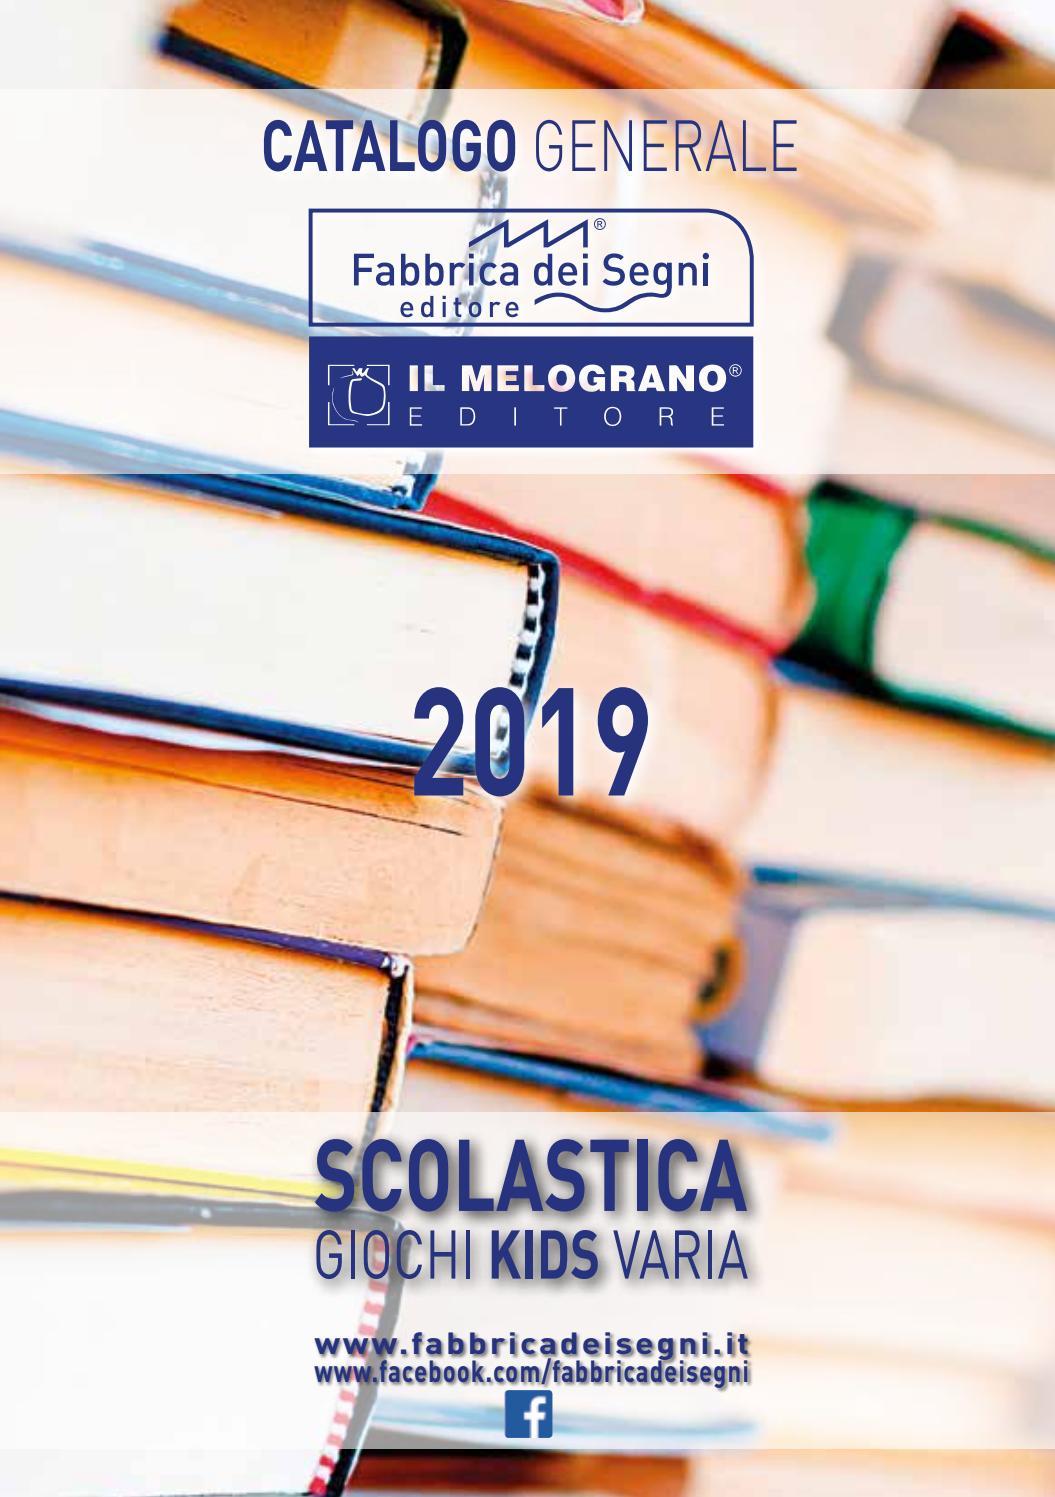 Catalogo Fabbrica Dei Segni Editore By Fabbrica Dei Segni